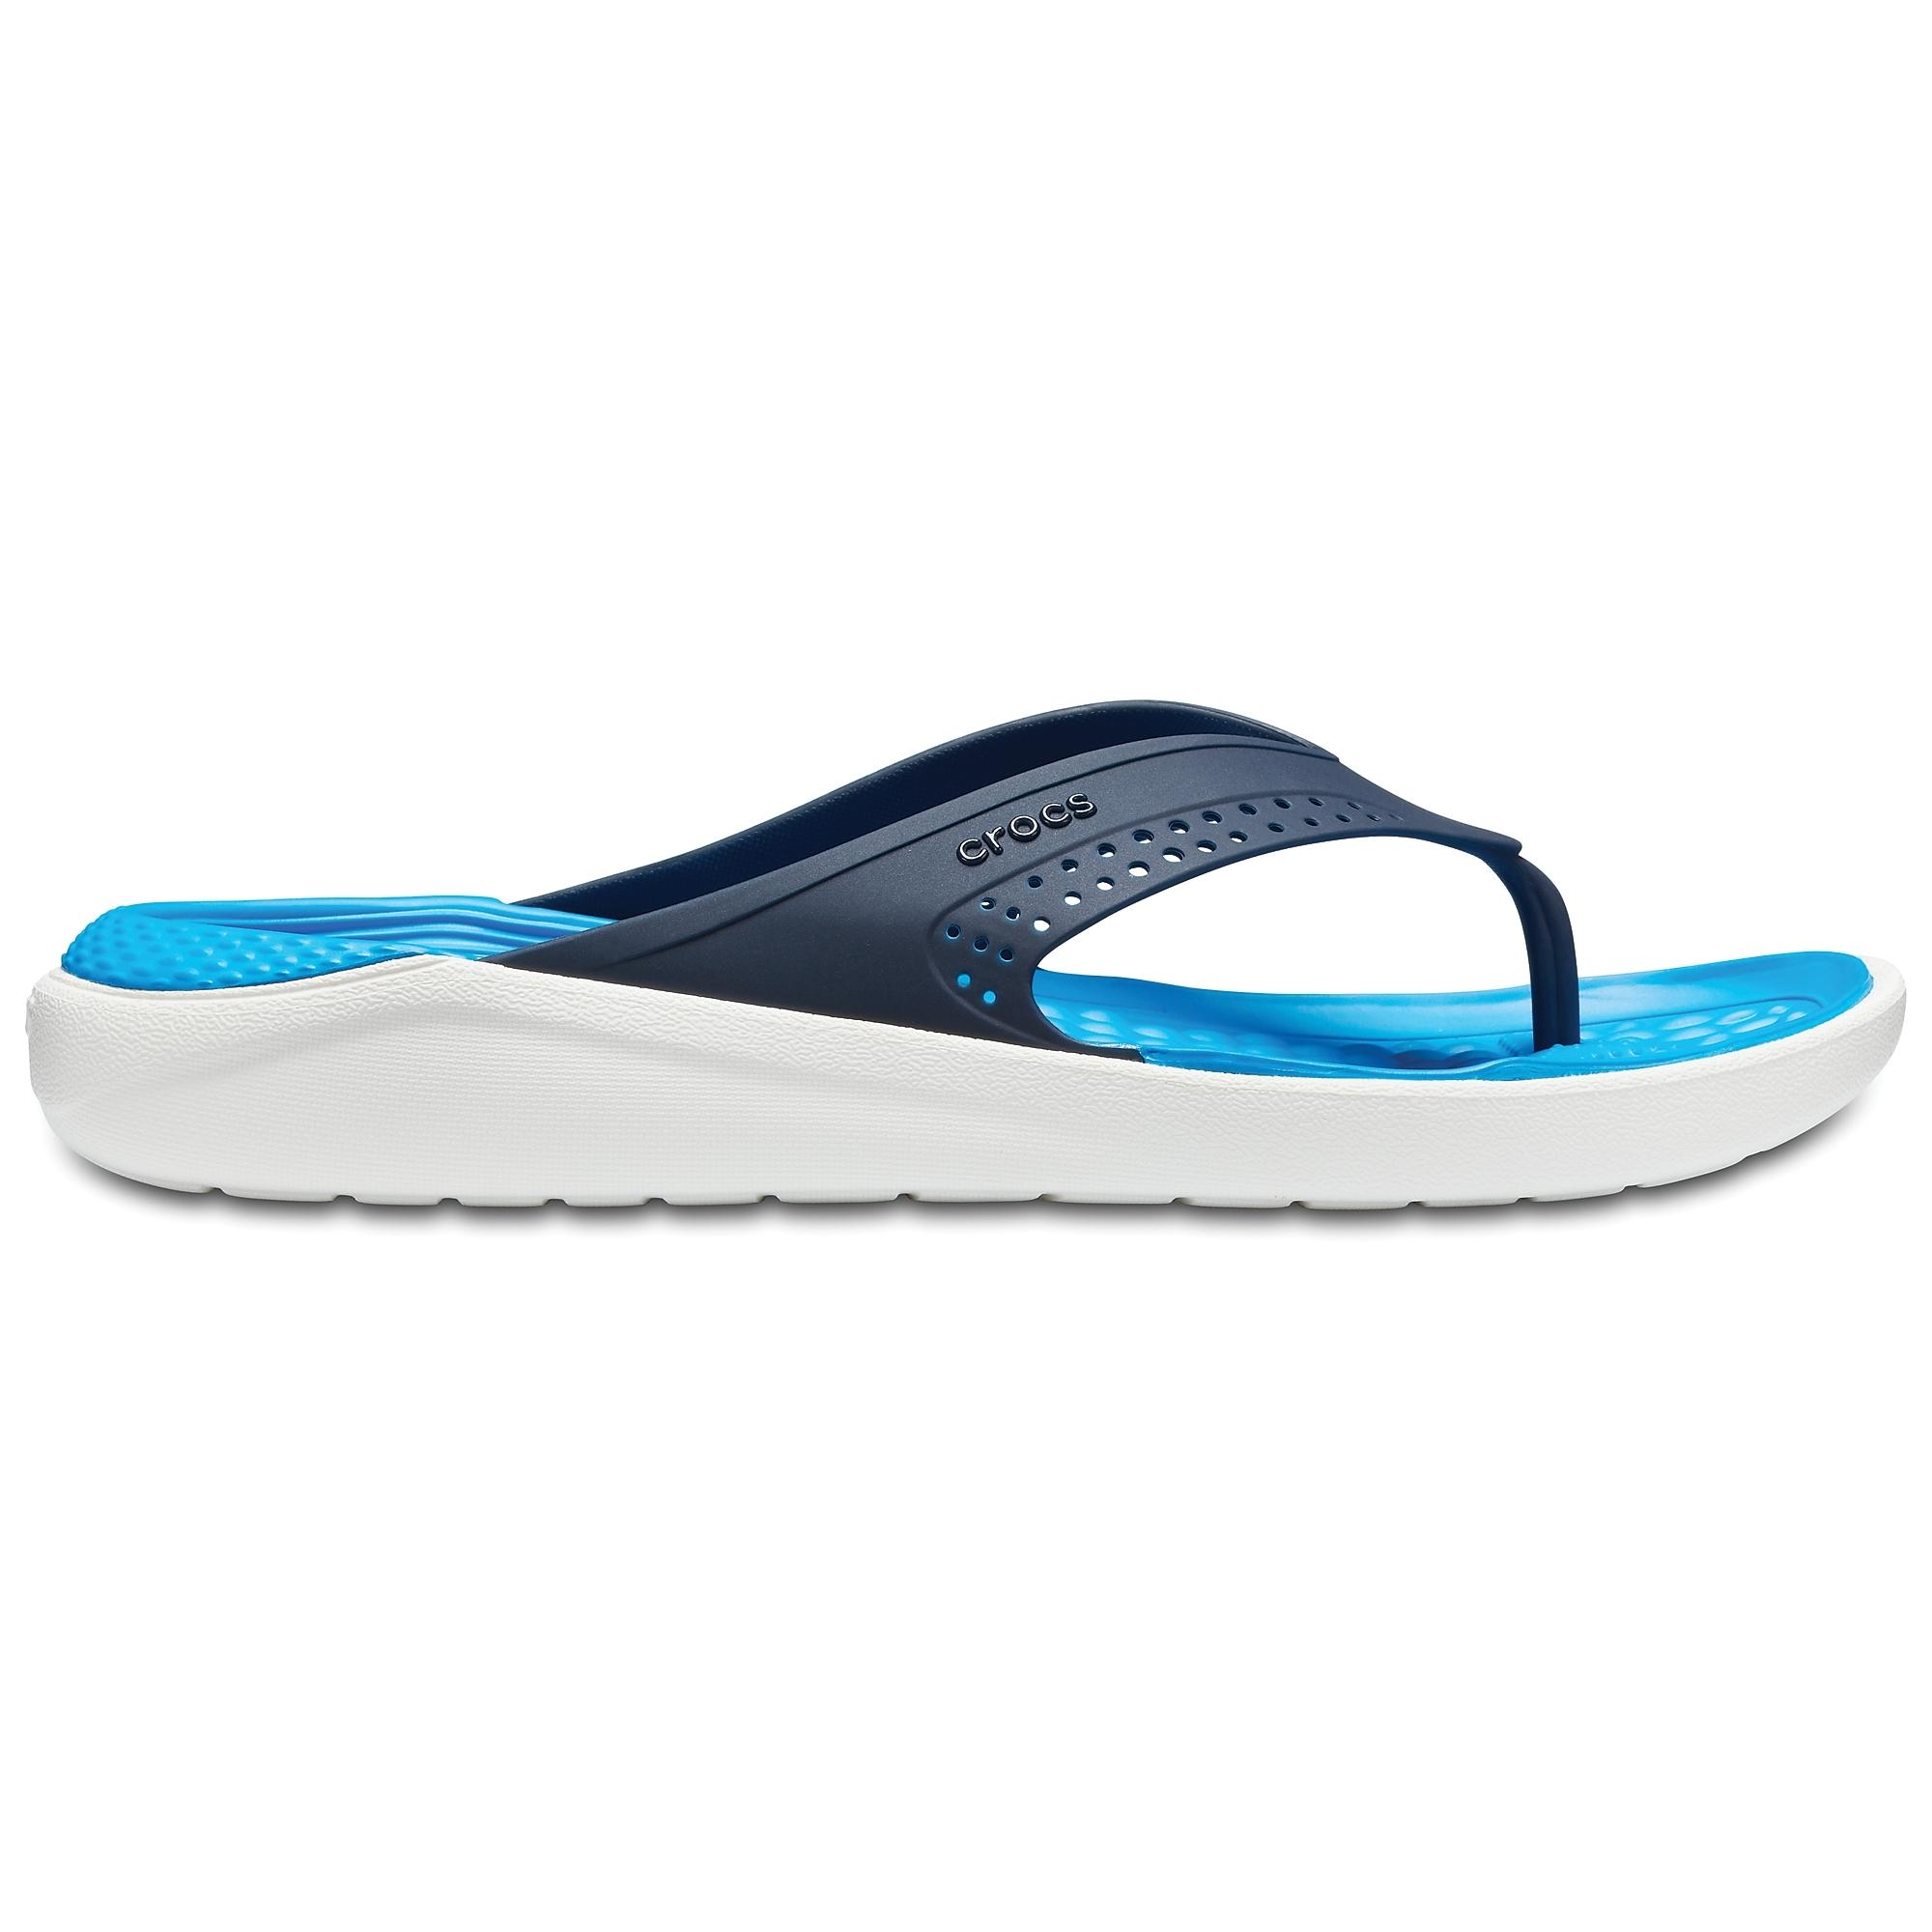 Crocs 205182 LITERIDE FLIP Flip Flops